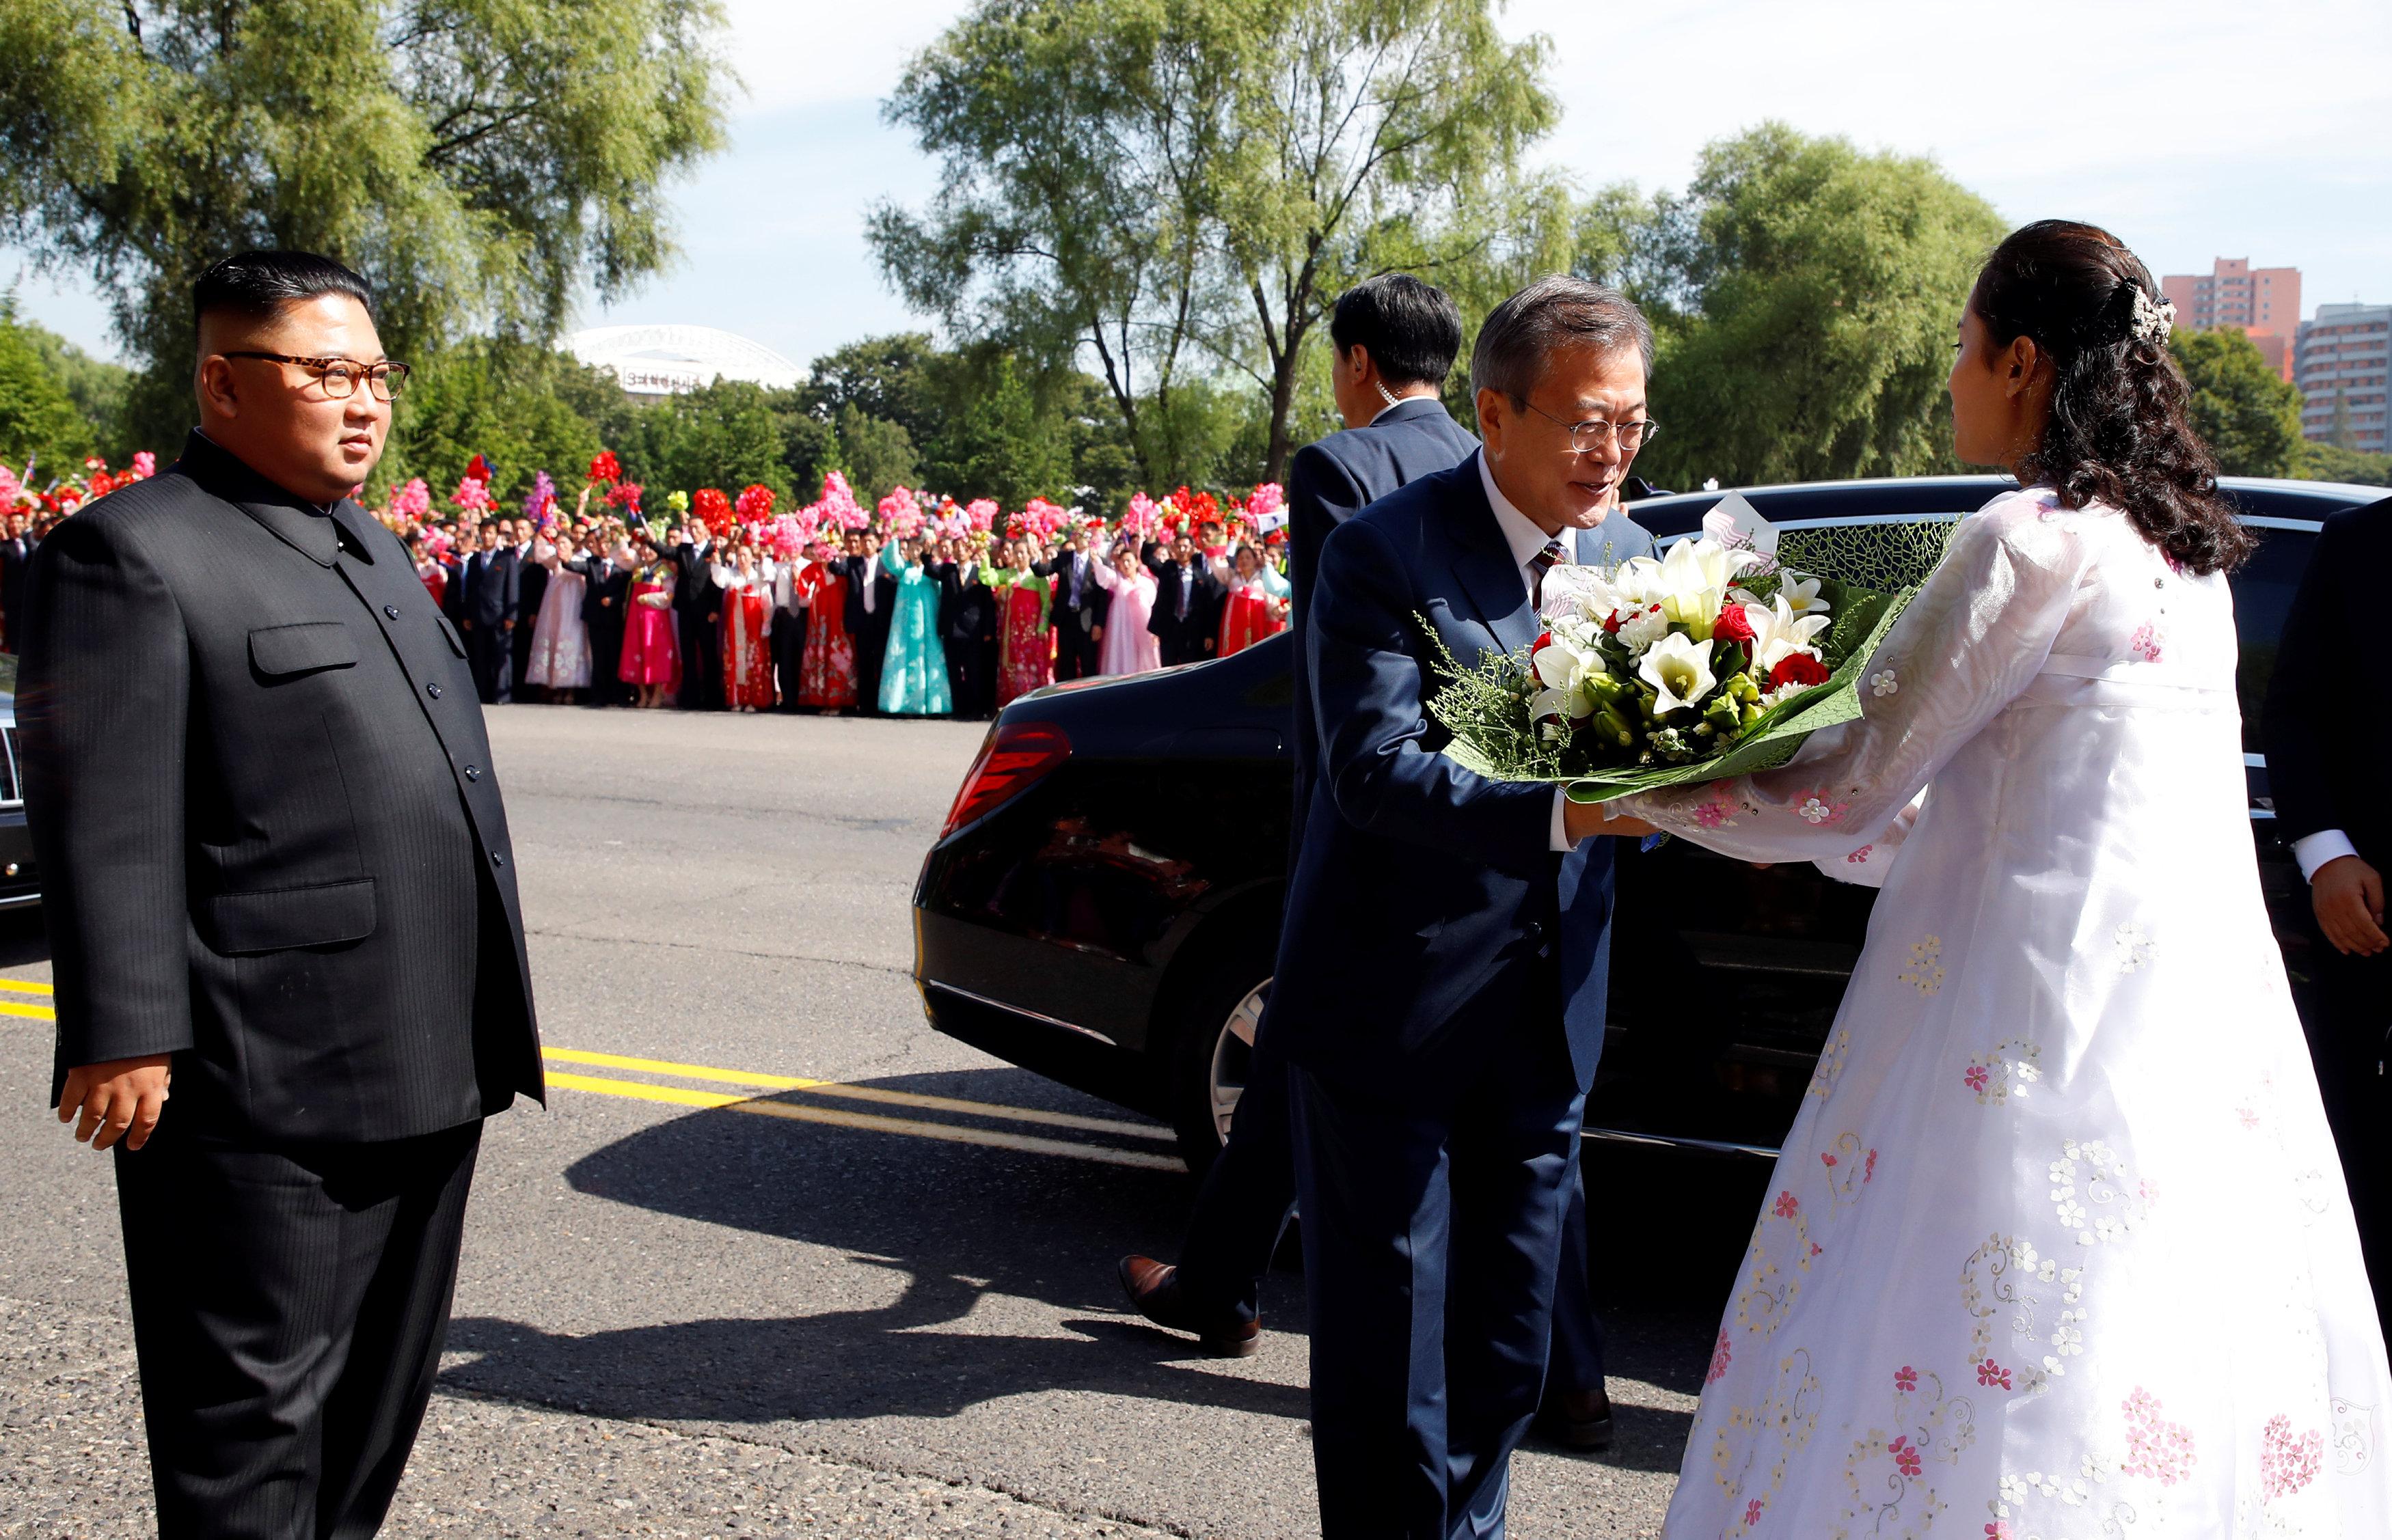 El presidente recibió un arreglo floral como parte de la ceremonia